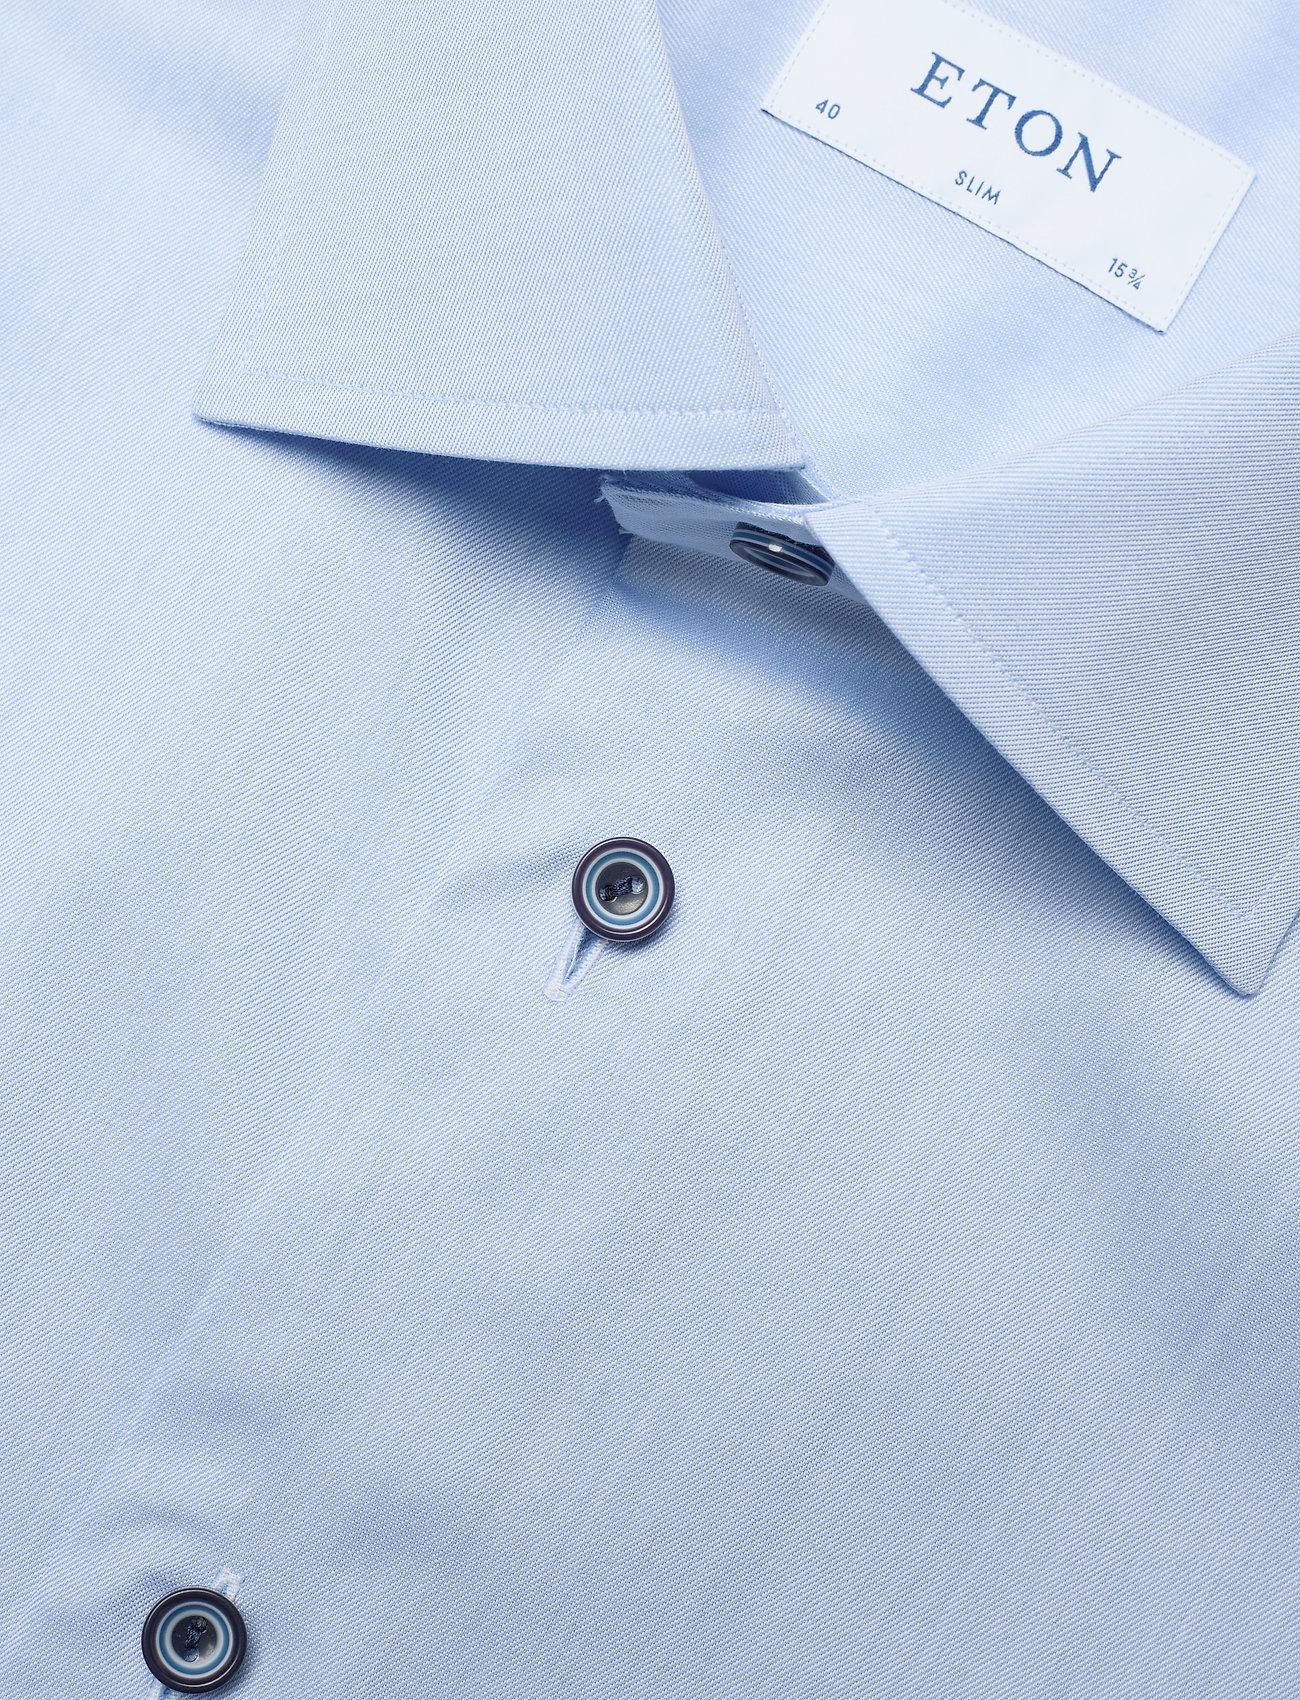 Eton Signature Twill - Skjorter BLUE - Menn Klær